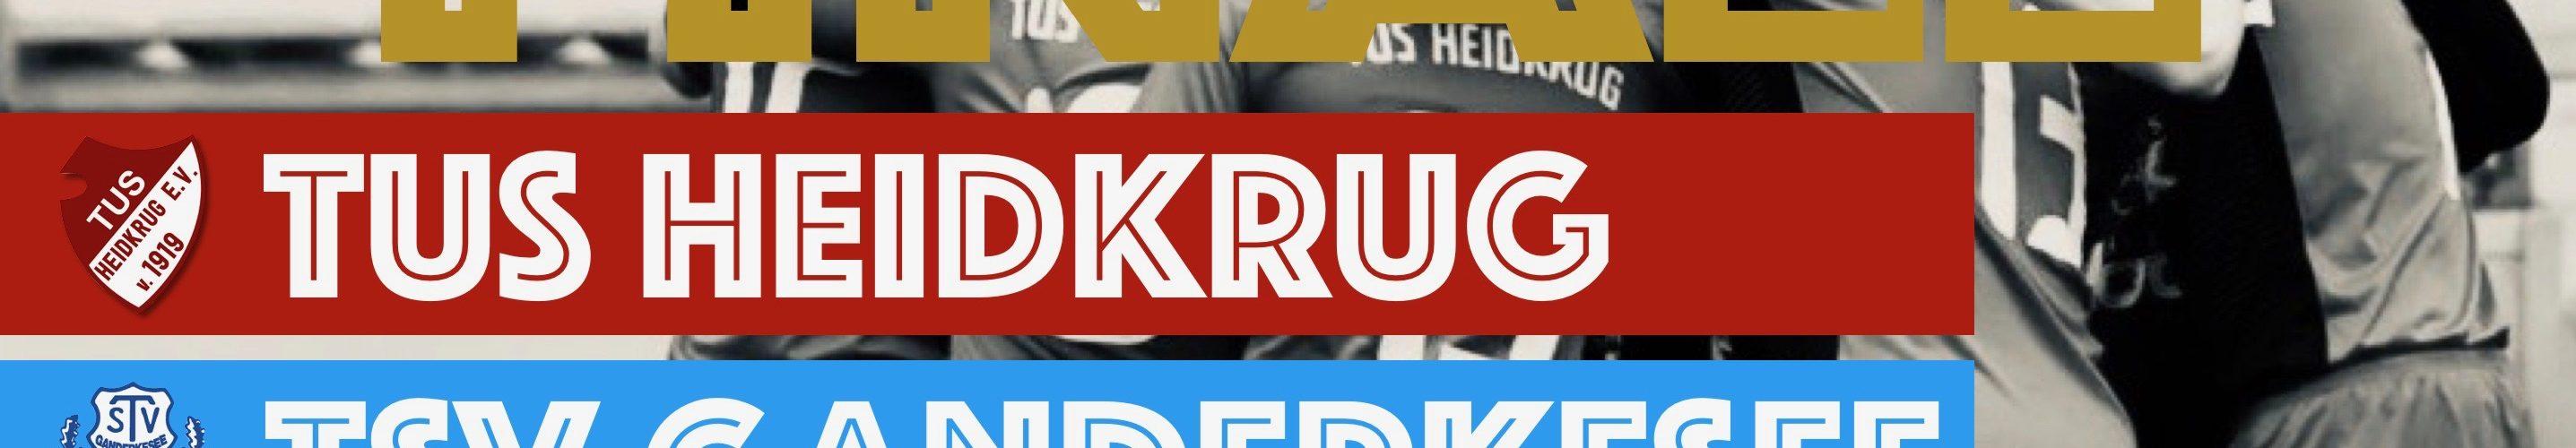 Tus Heidkrug